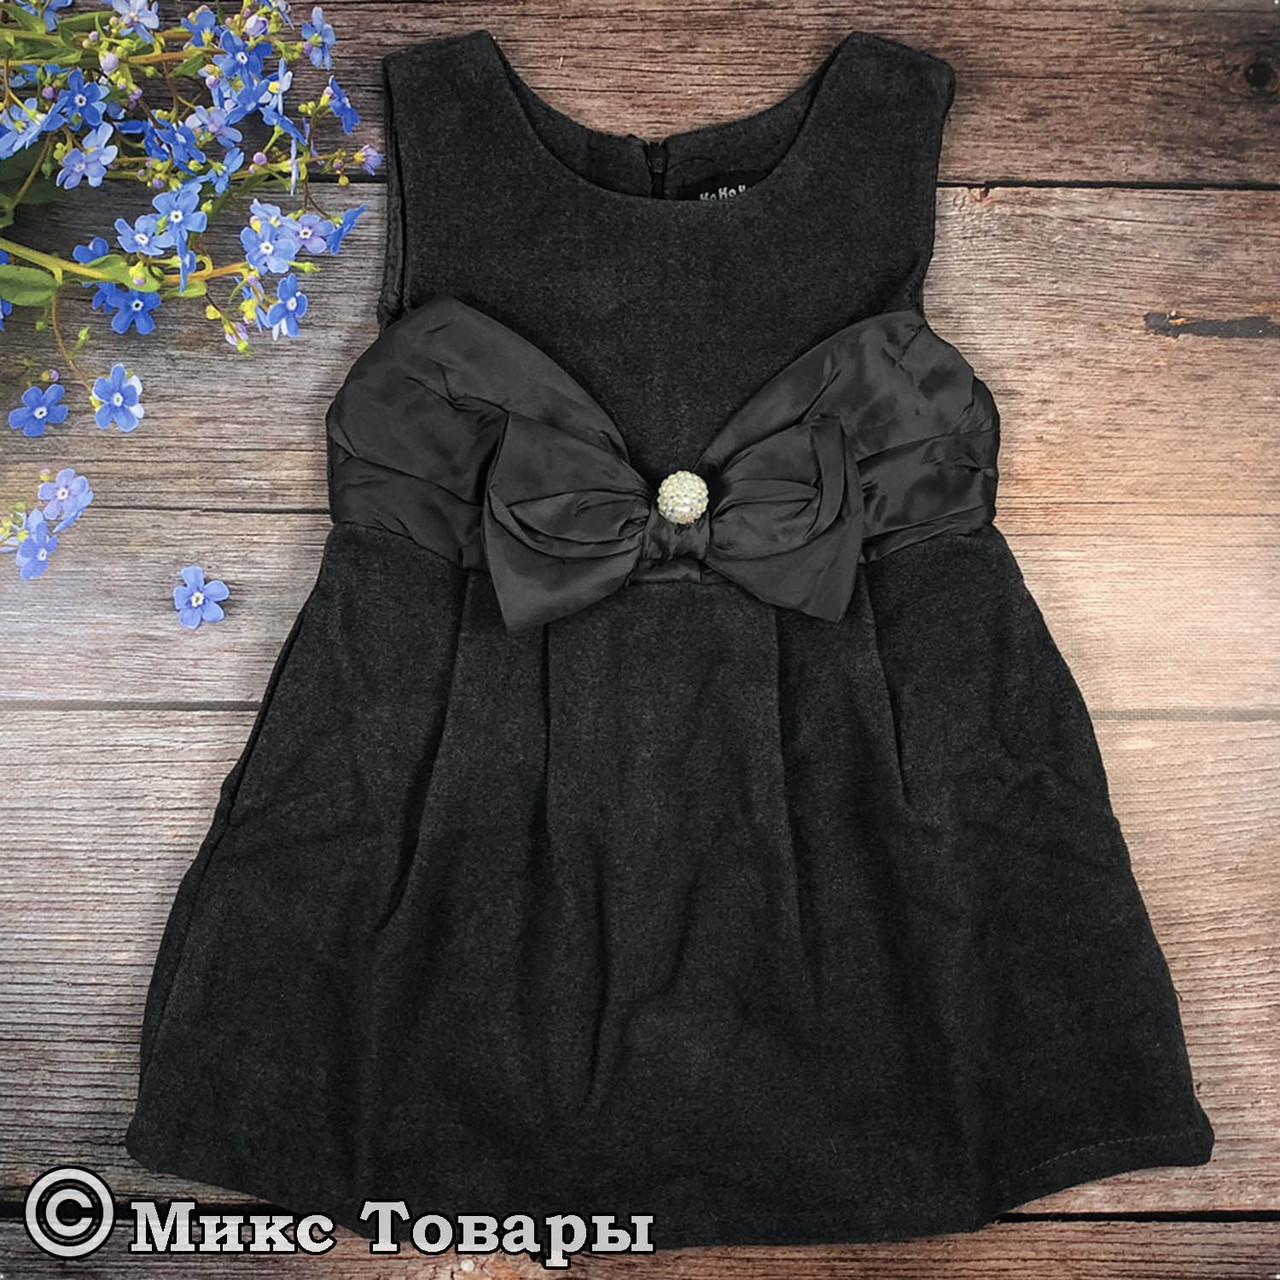 Сарафан с бантиком серого цвета для девочек Размеры: 3,4,5,6 лет (6339)